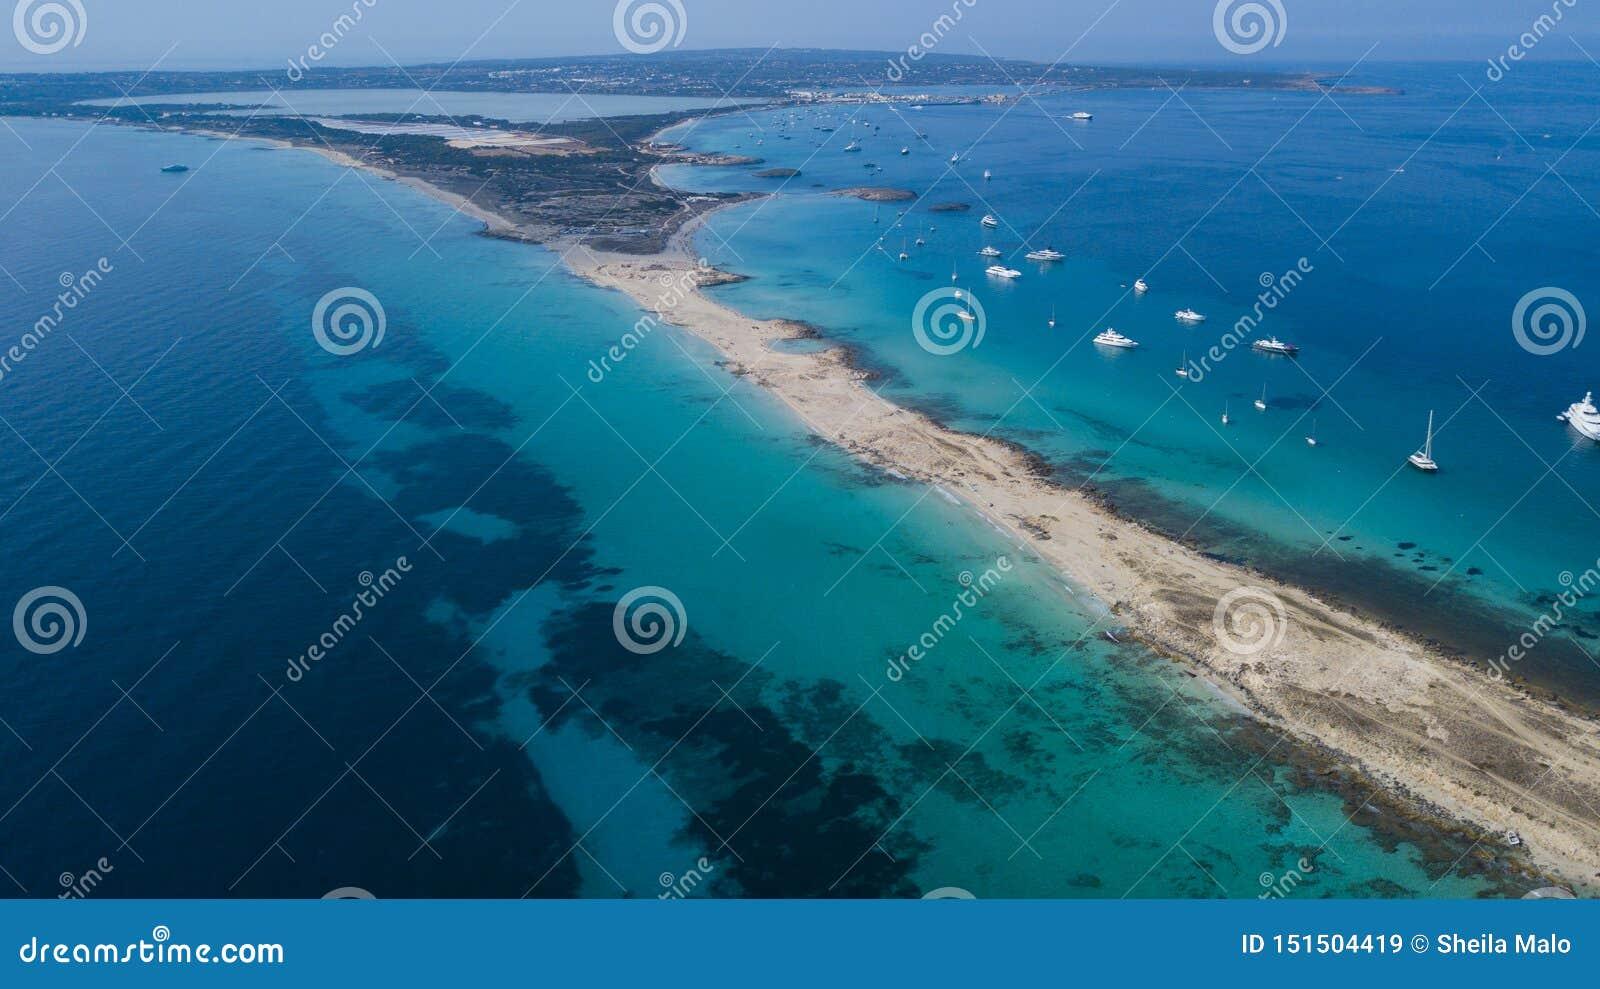 Ibiza Paradise Island From Above Stock Image - Image of